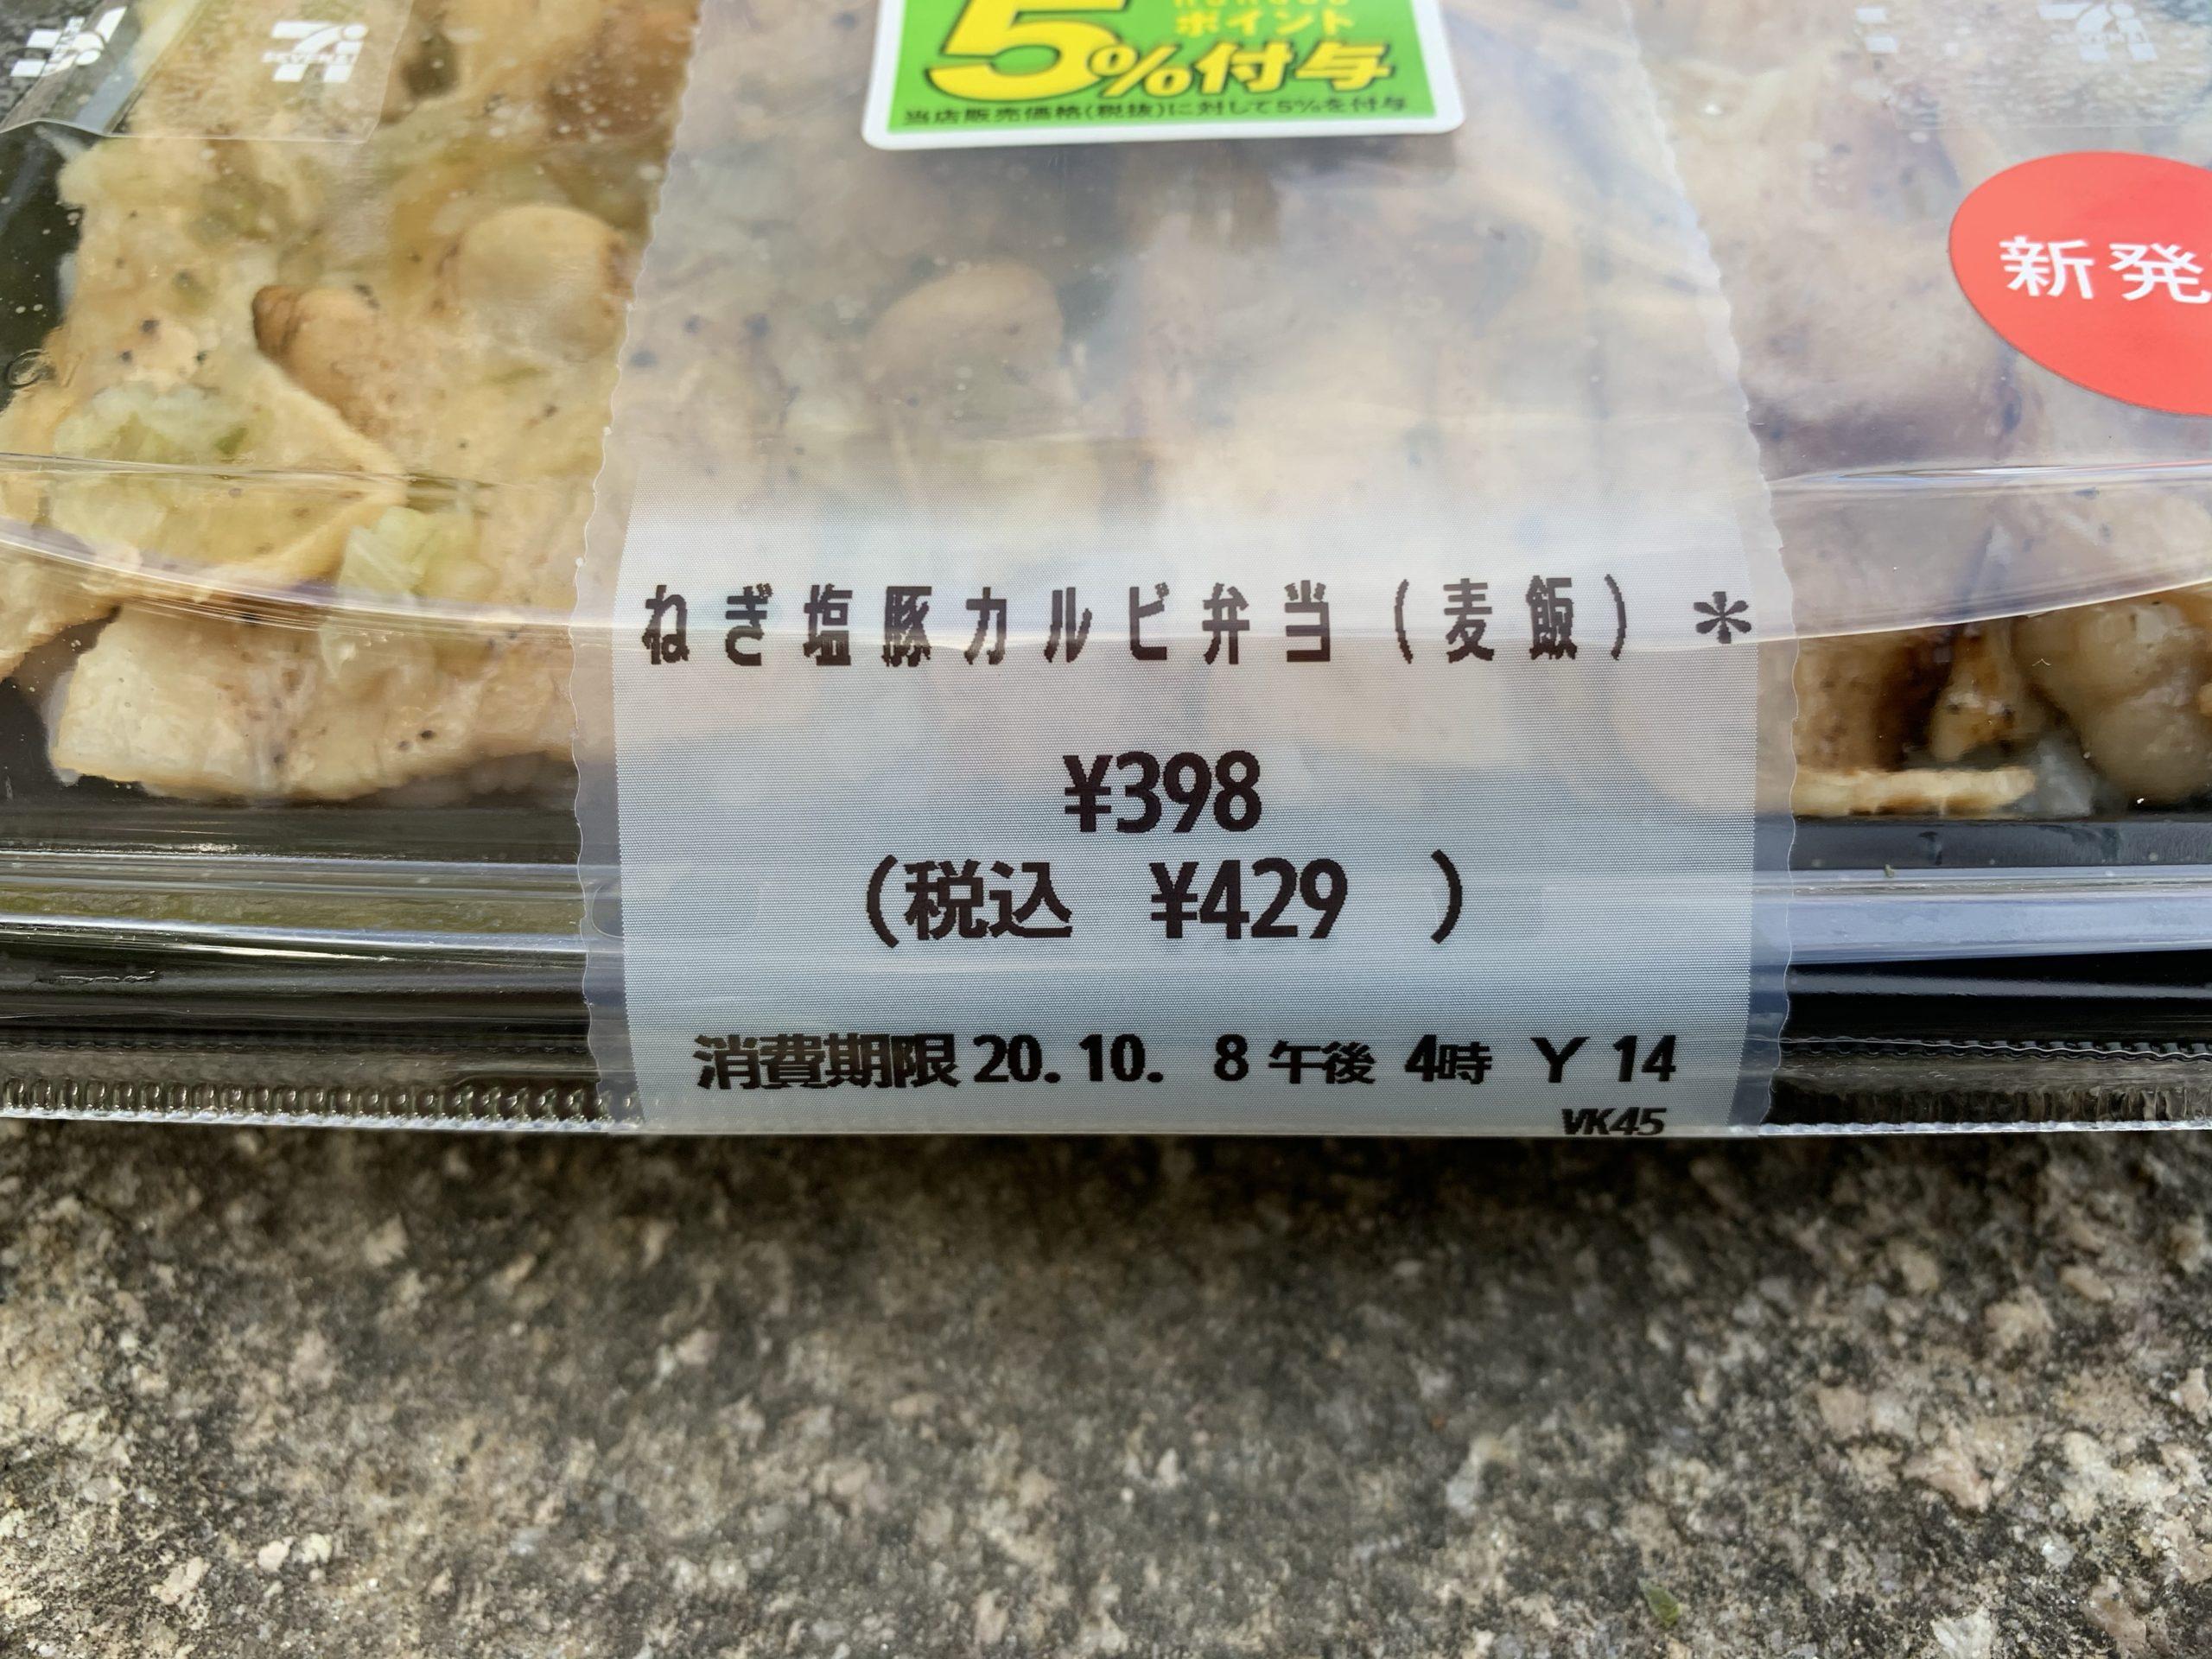 セブンイレブンのねぎ塩豚カルビ弁当の説明